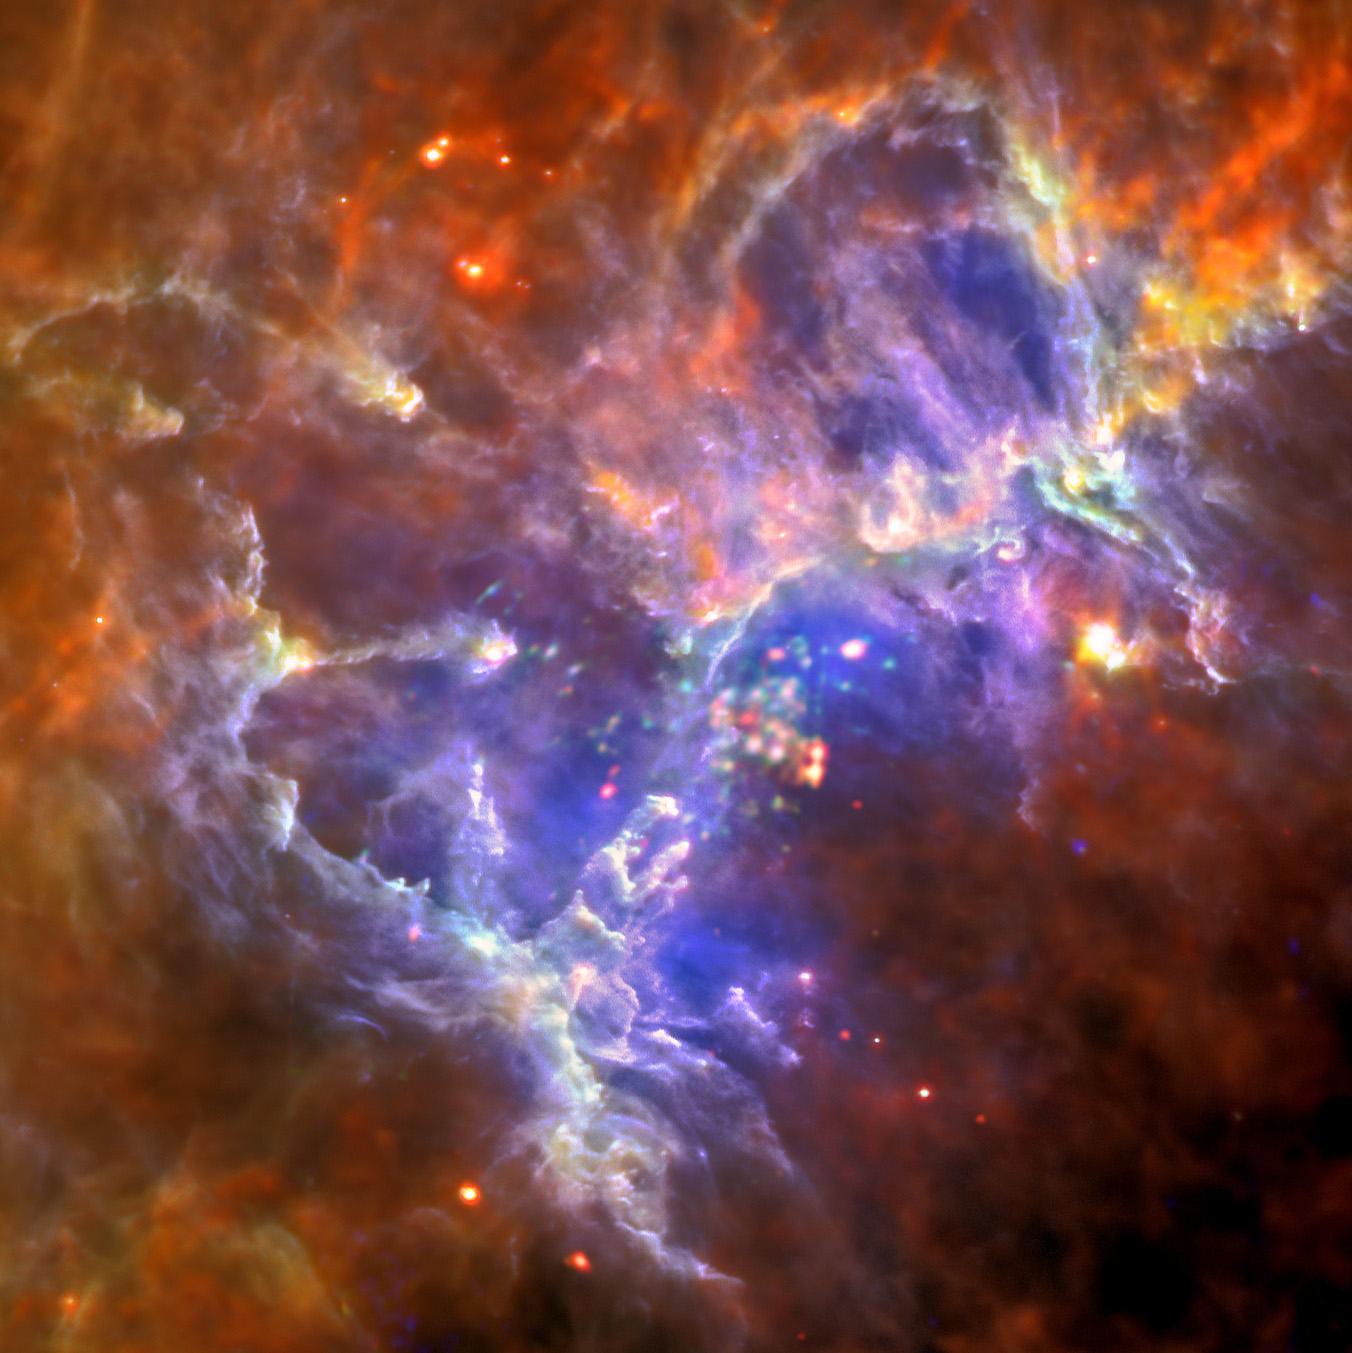 1567217516055-M16_Herschel_XMM-Newton.jpg